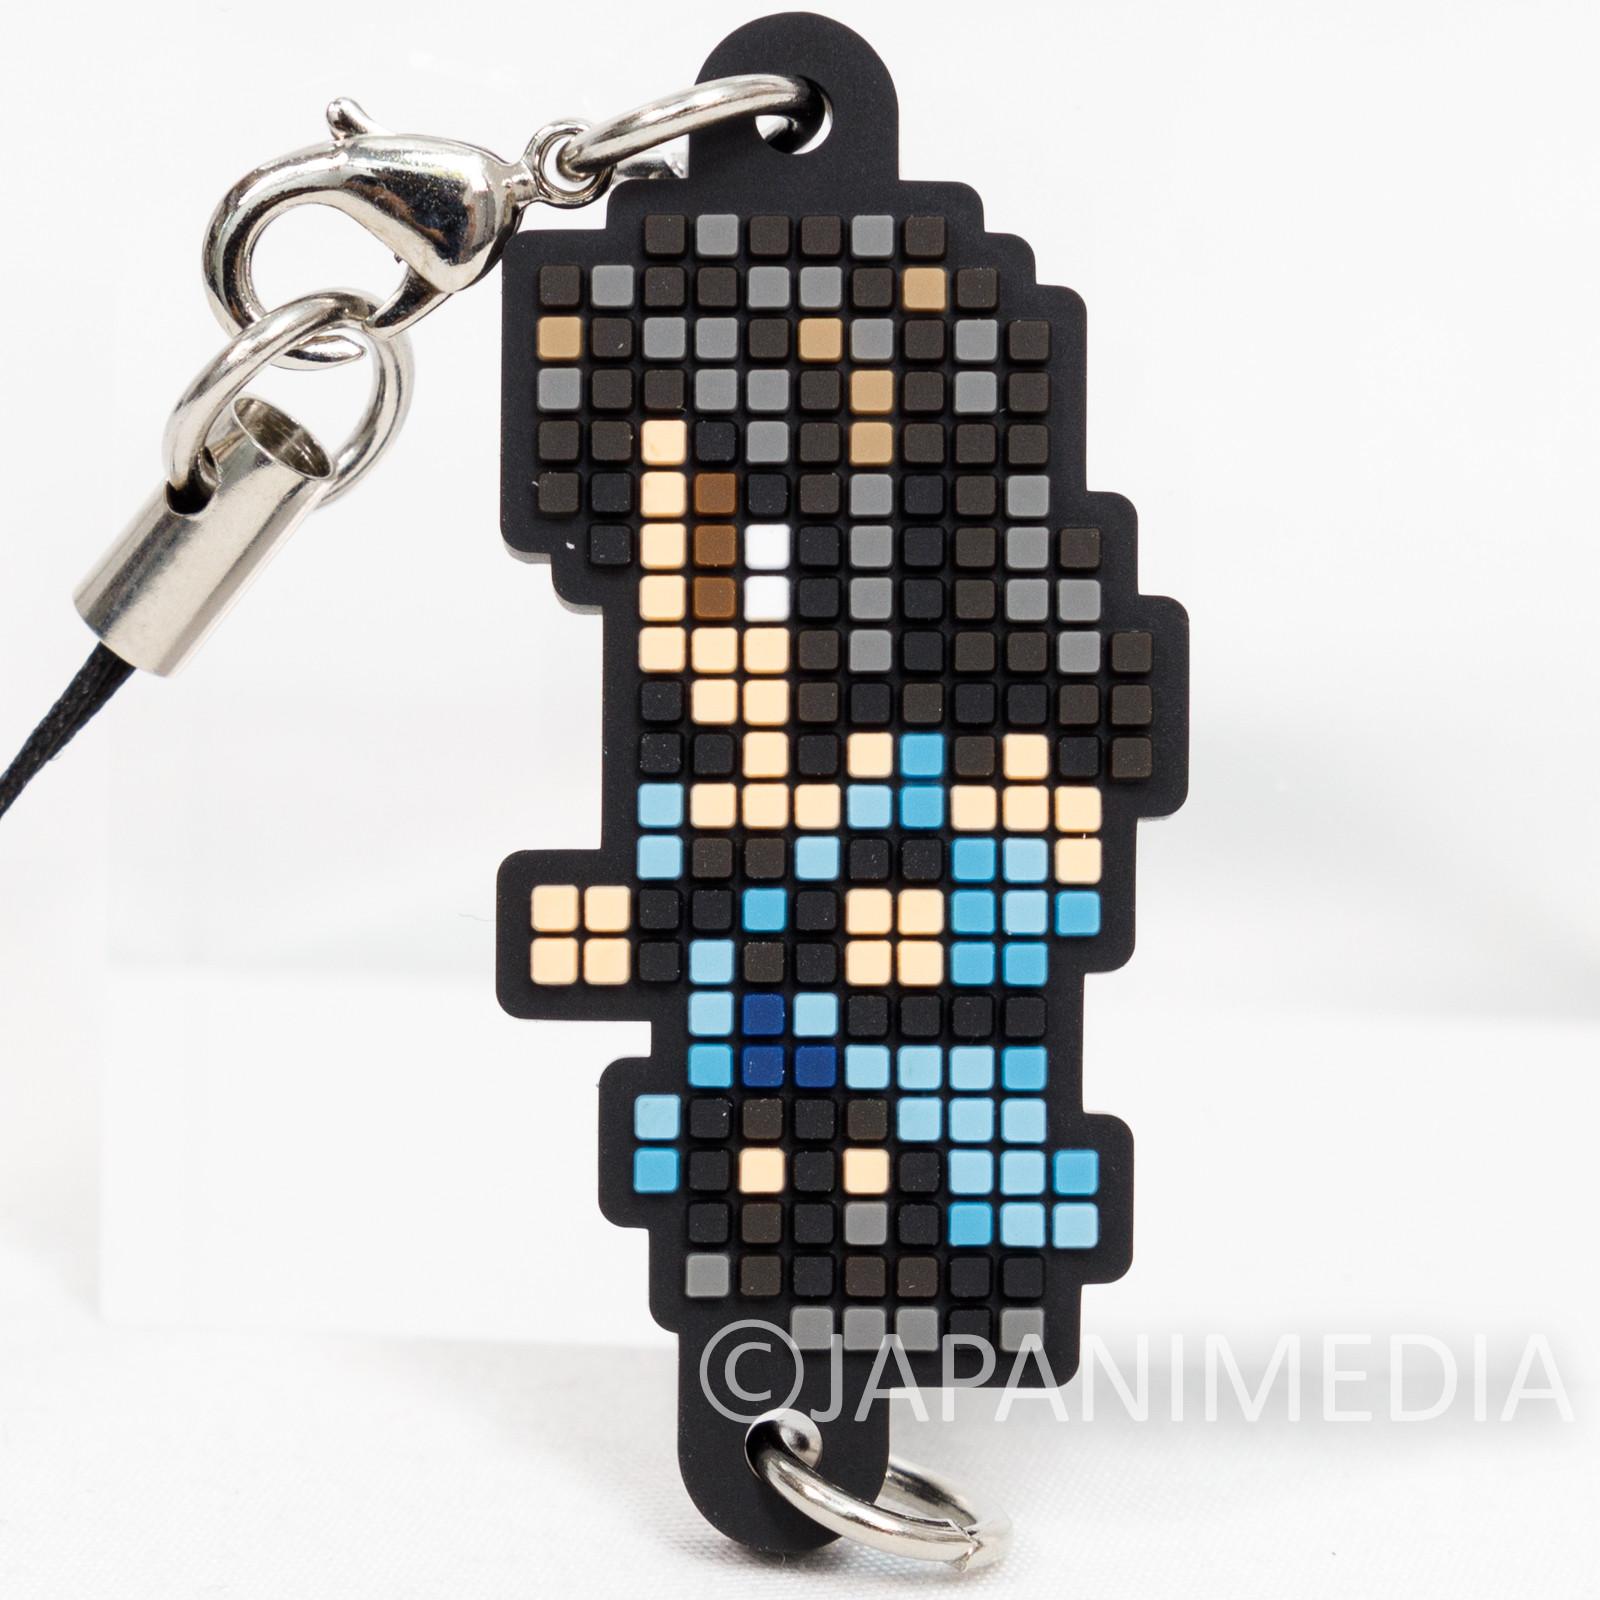 Final Fantasy Rinoa Heartilly Dot Design Rubber Mascot Strap Square Enix